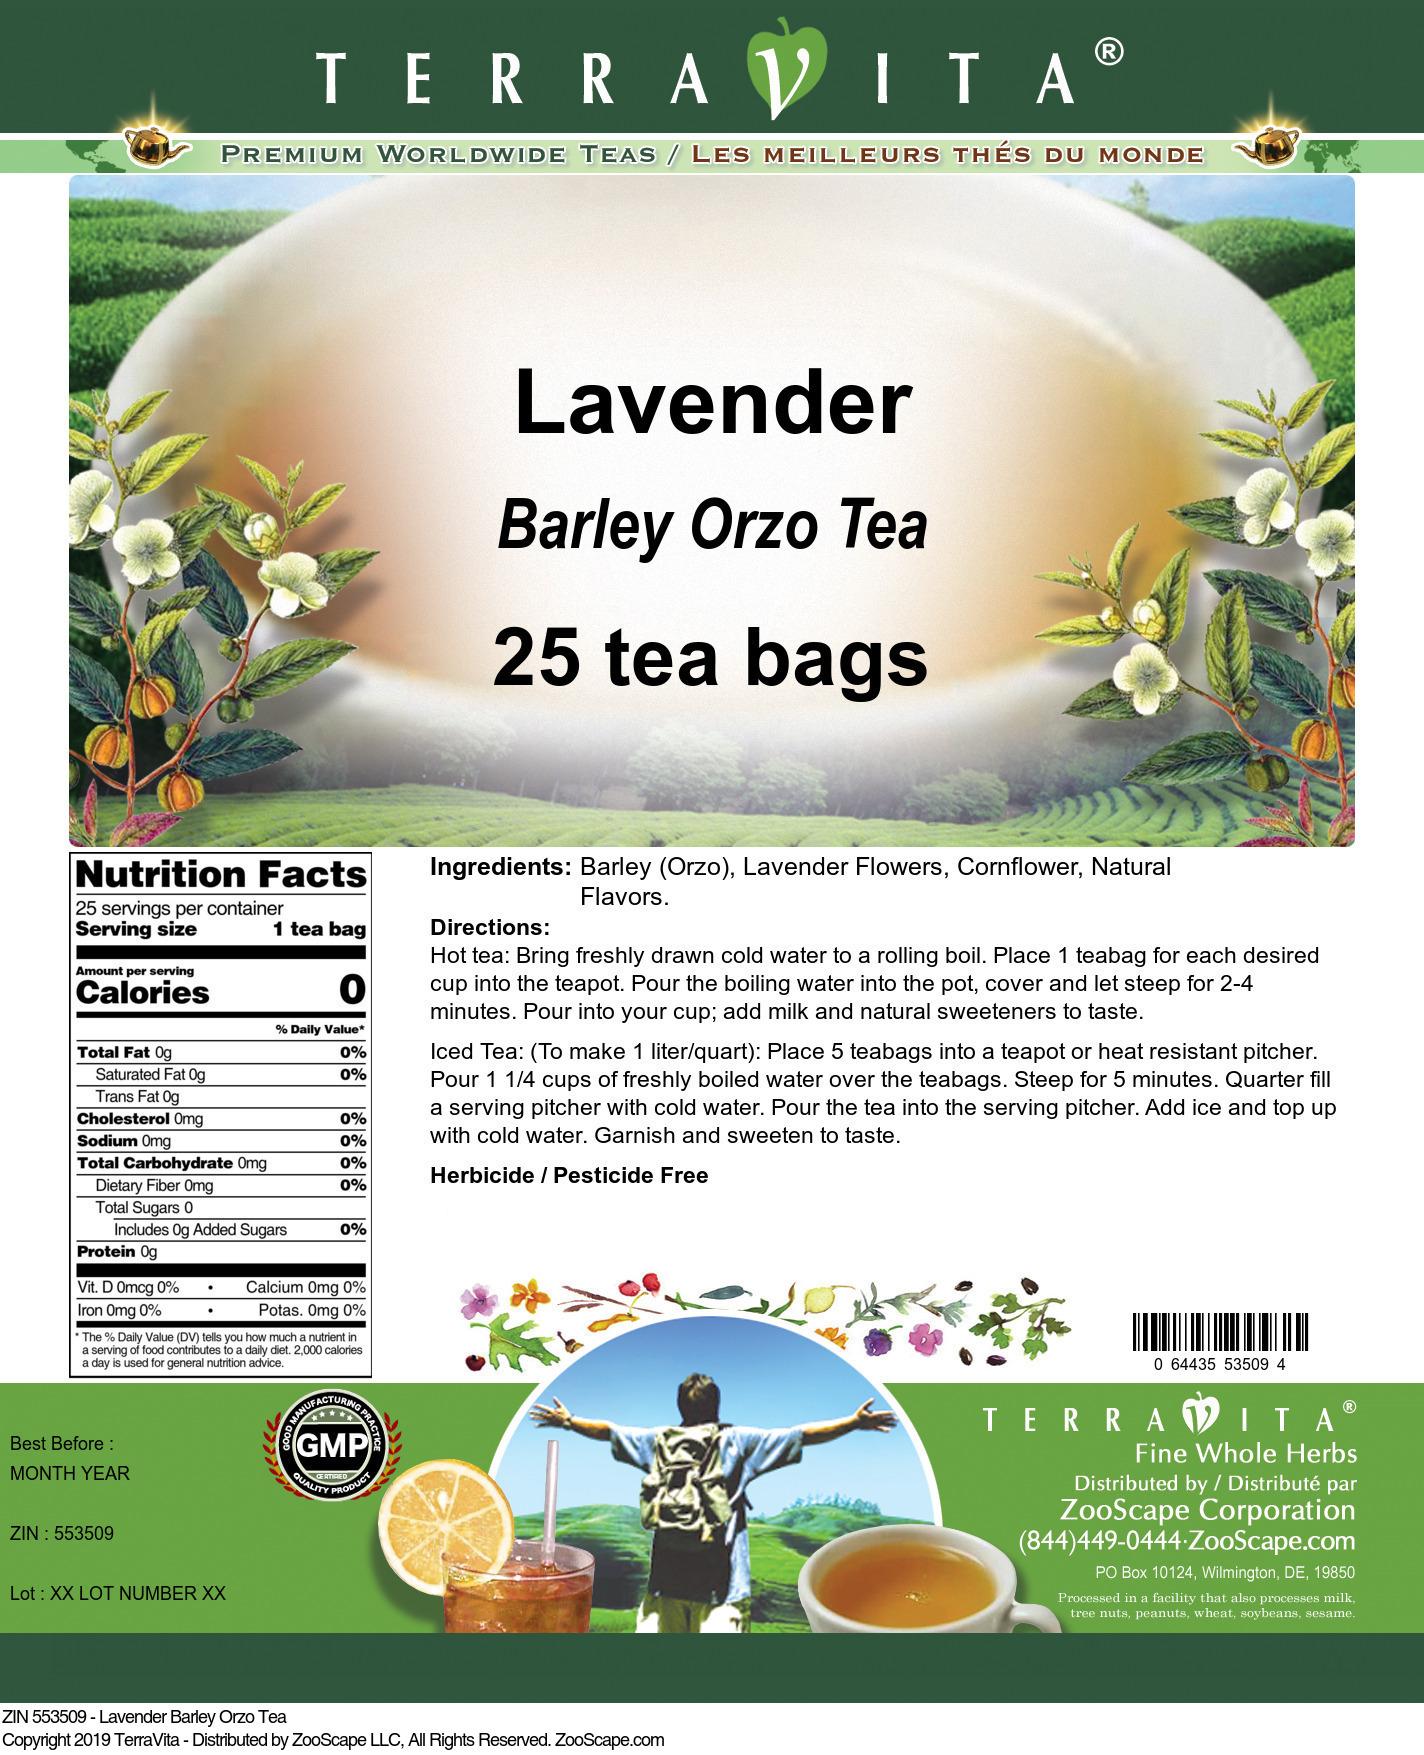 Lavender Barley Orzo Tea